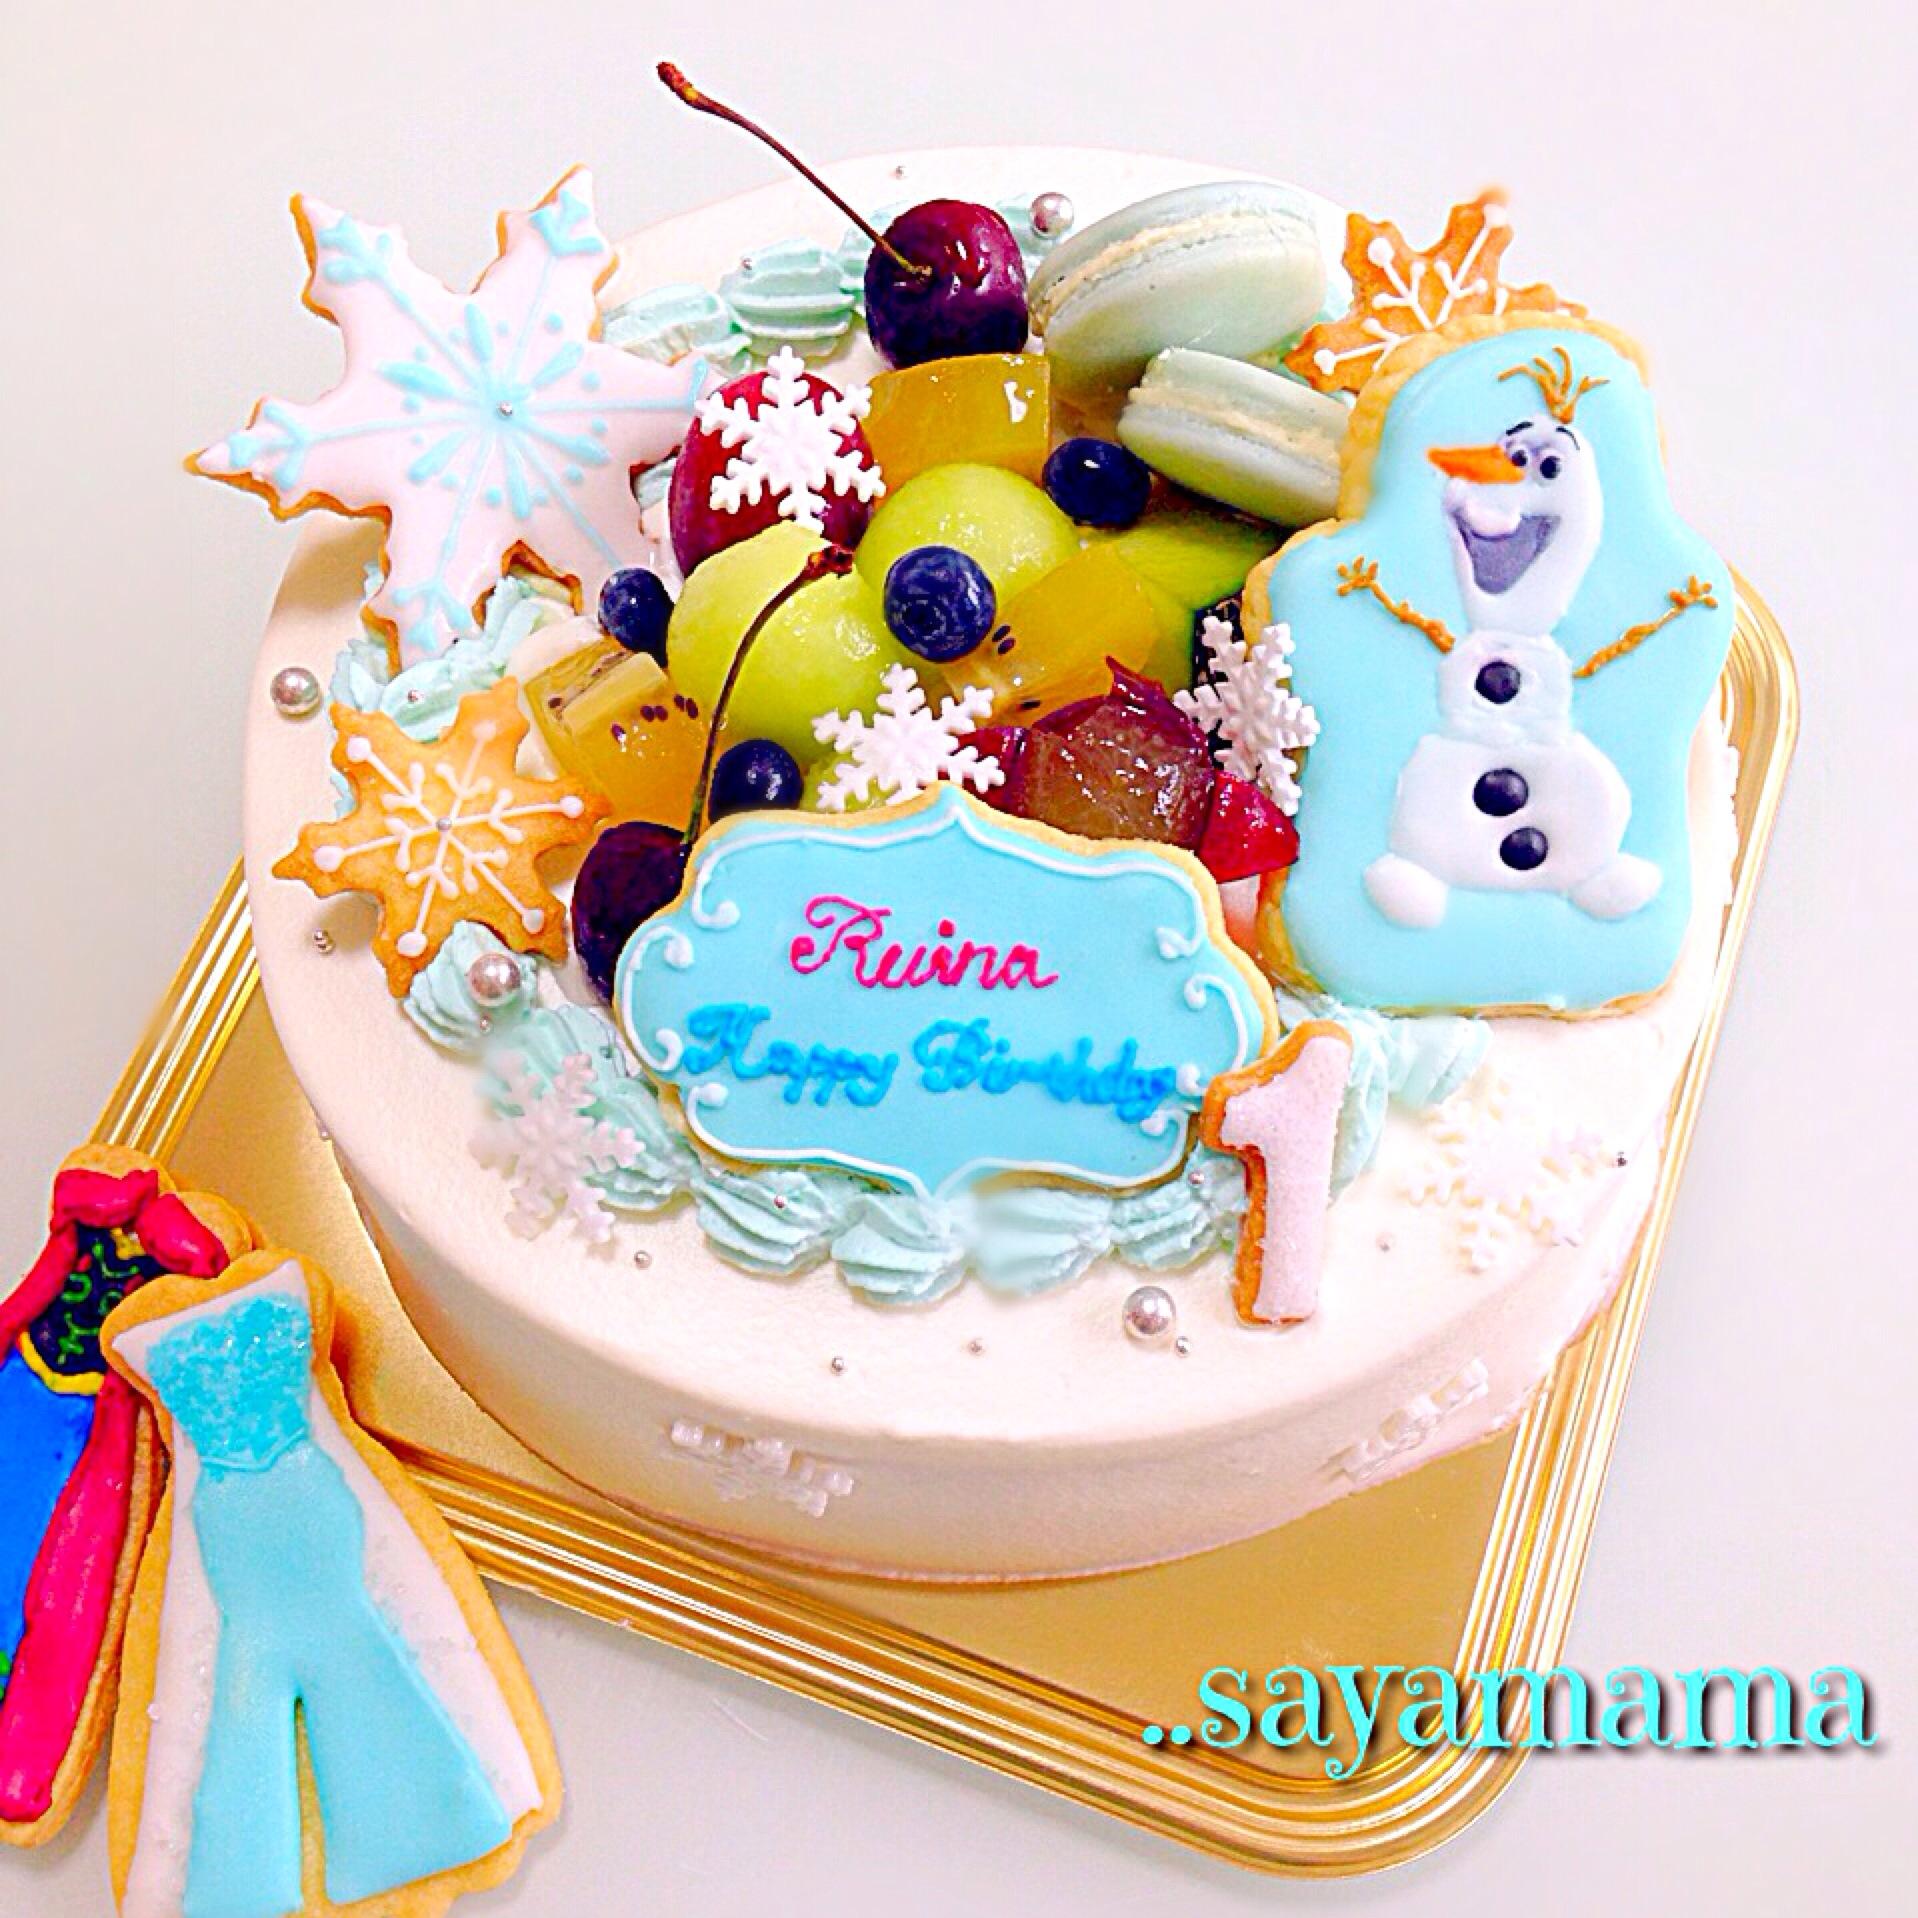 誕生 日 オラフ 「アナ雪」シリーズ最新作が日本初公開 ついに、オラフ誕生のひみつが明らかに…!